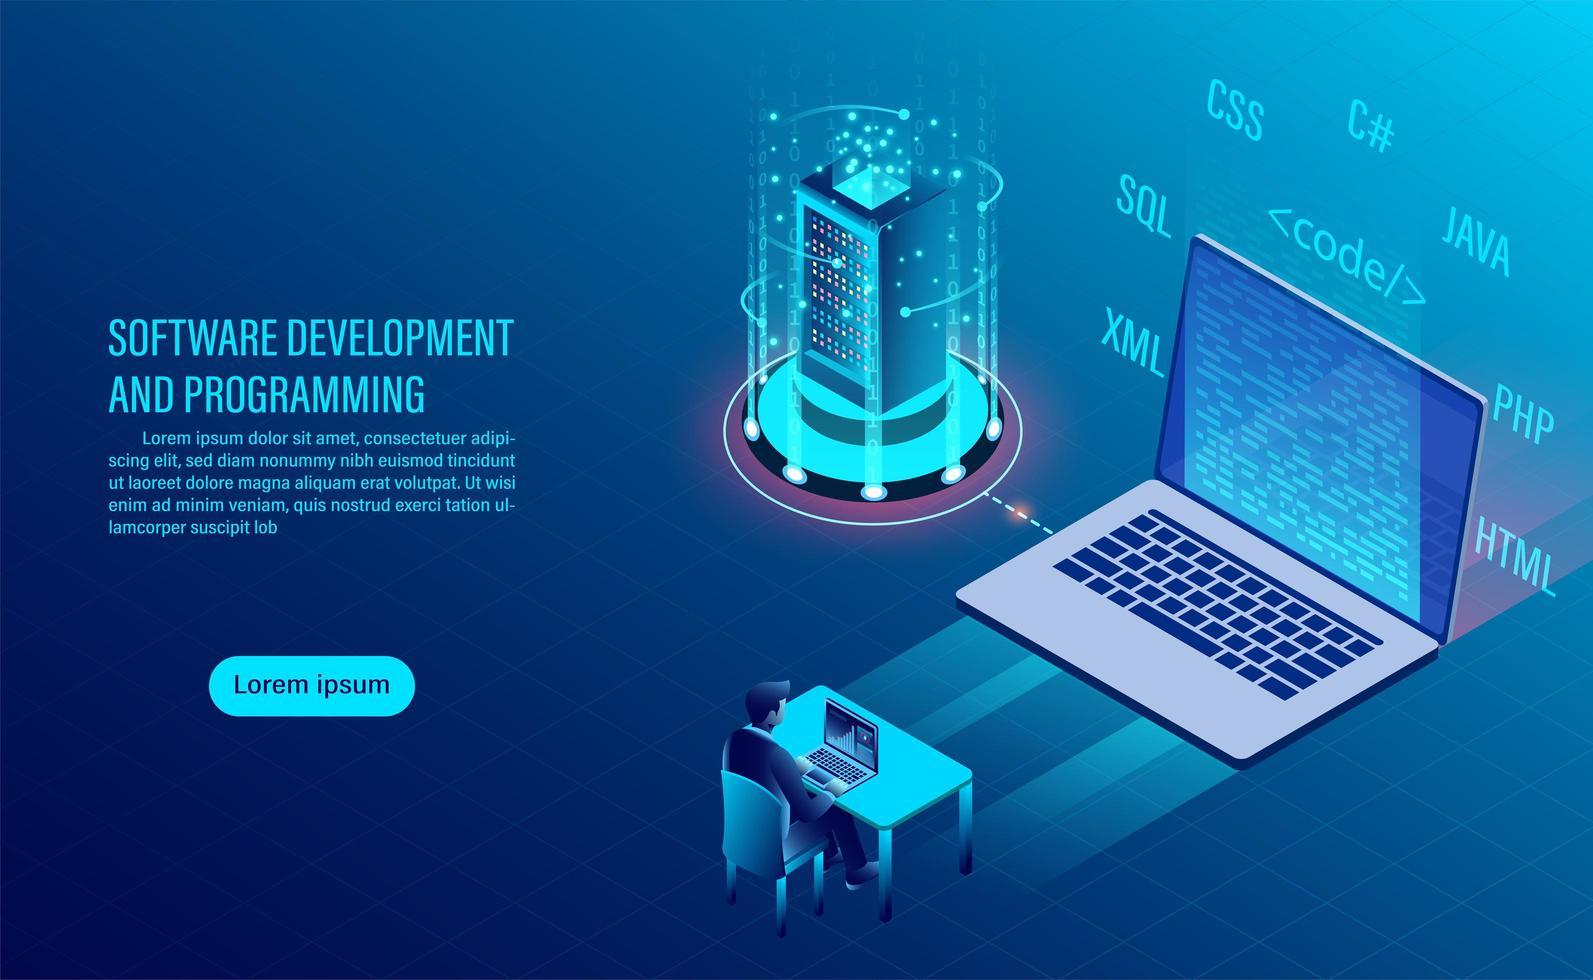 Desarrollo de software y página de inicio de codificación vector